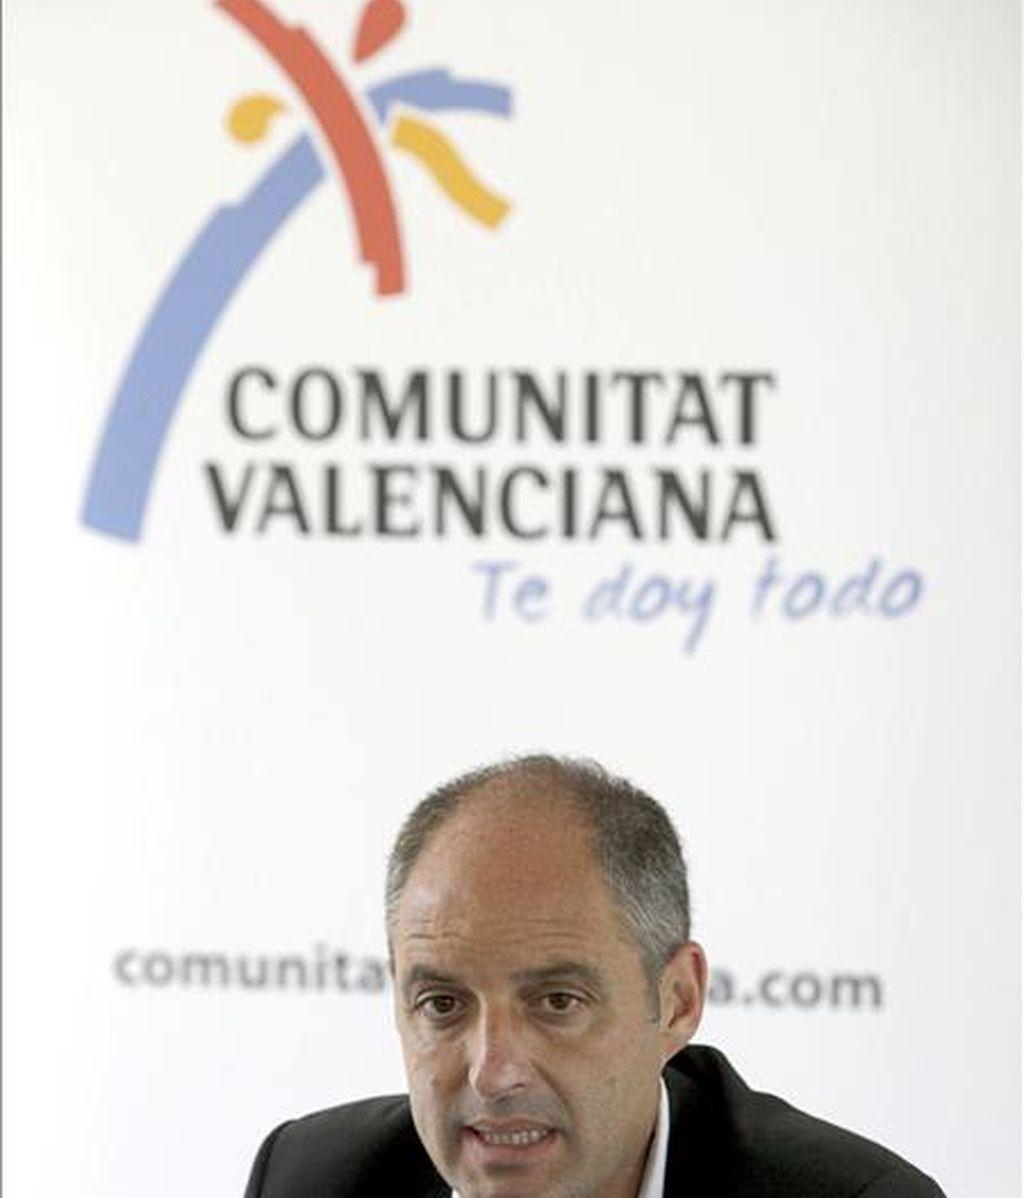 El presidente de la Generalitat Valenciana, Francisco Camps. EFE/Archivo